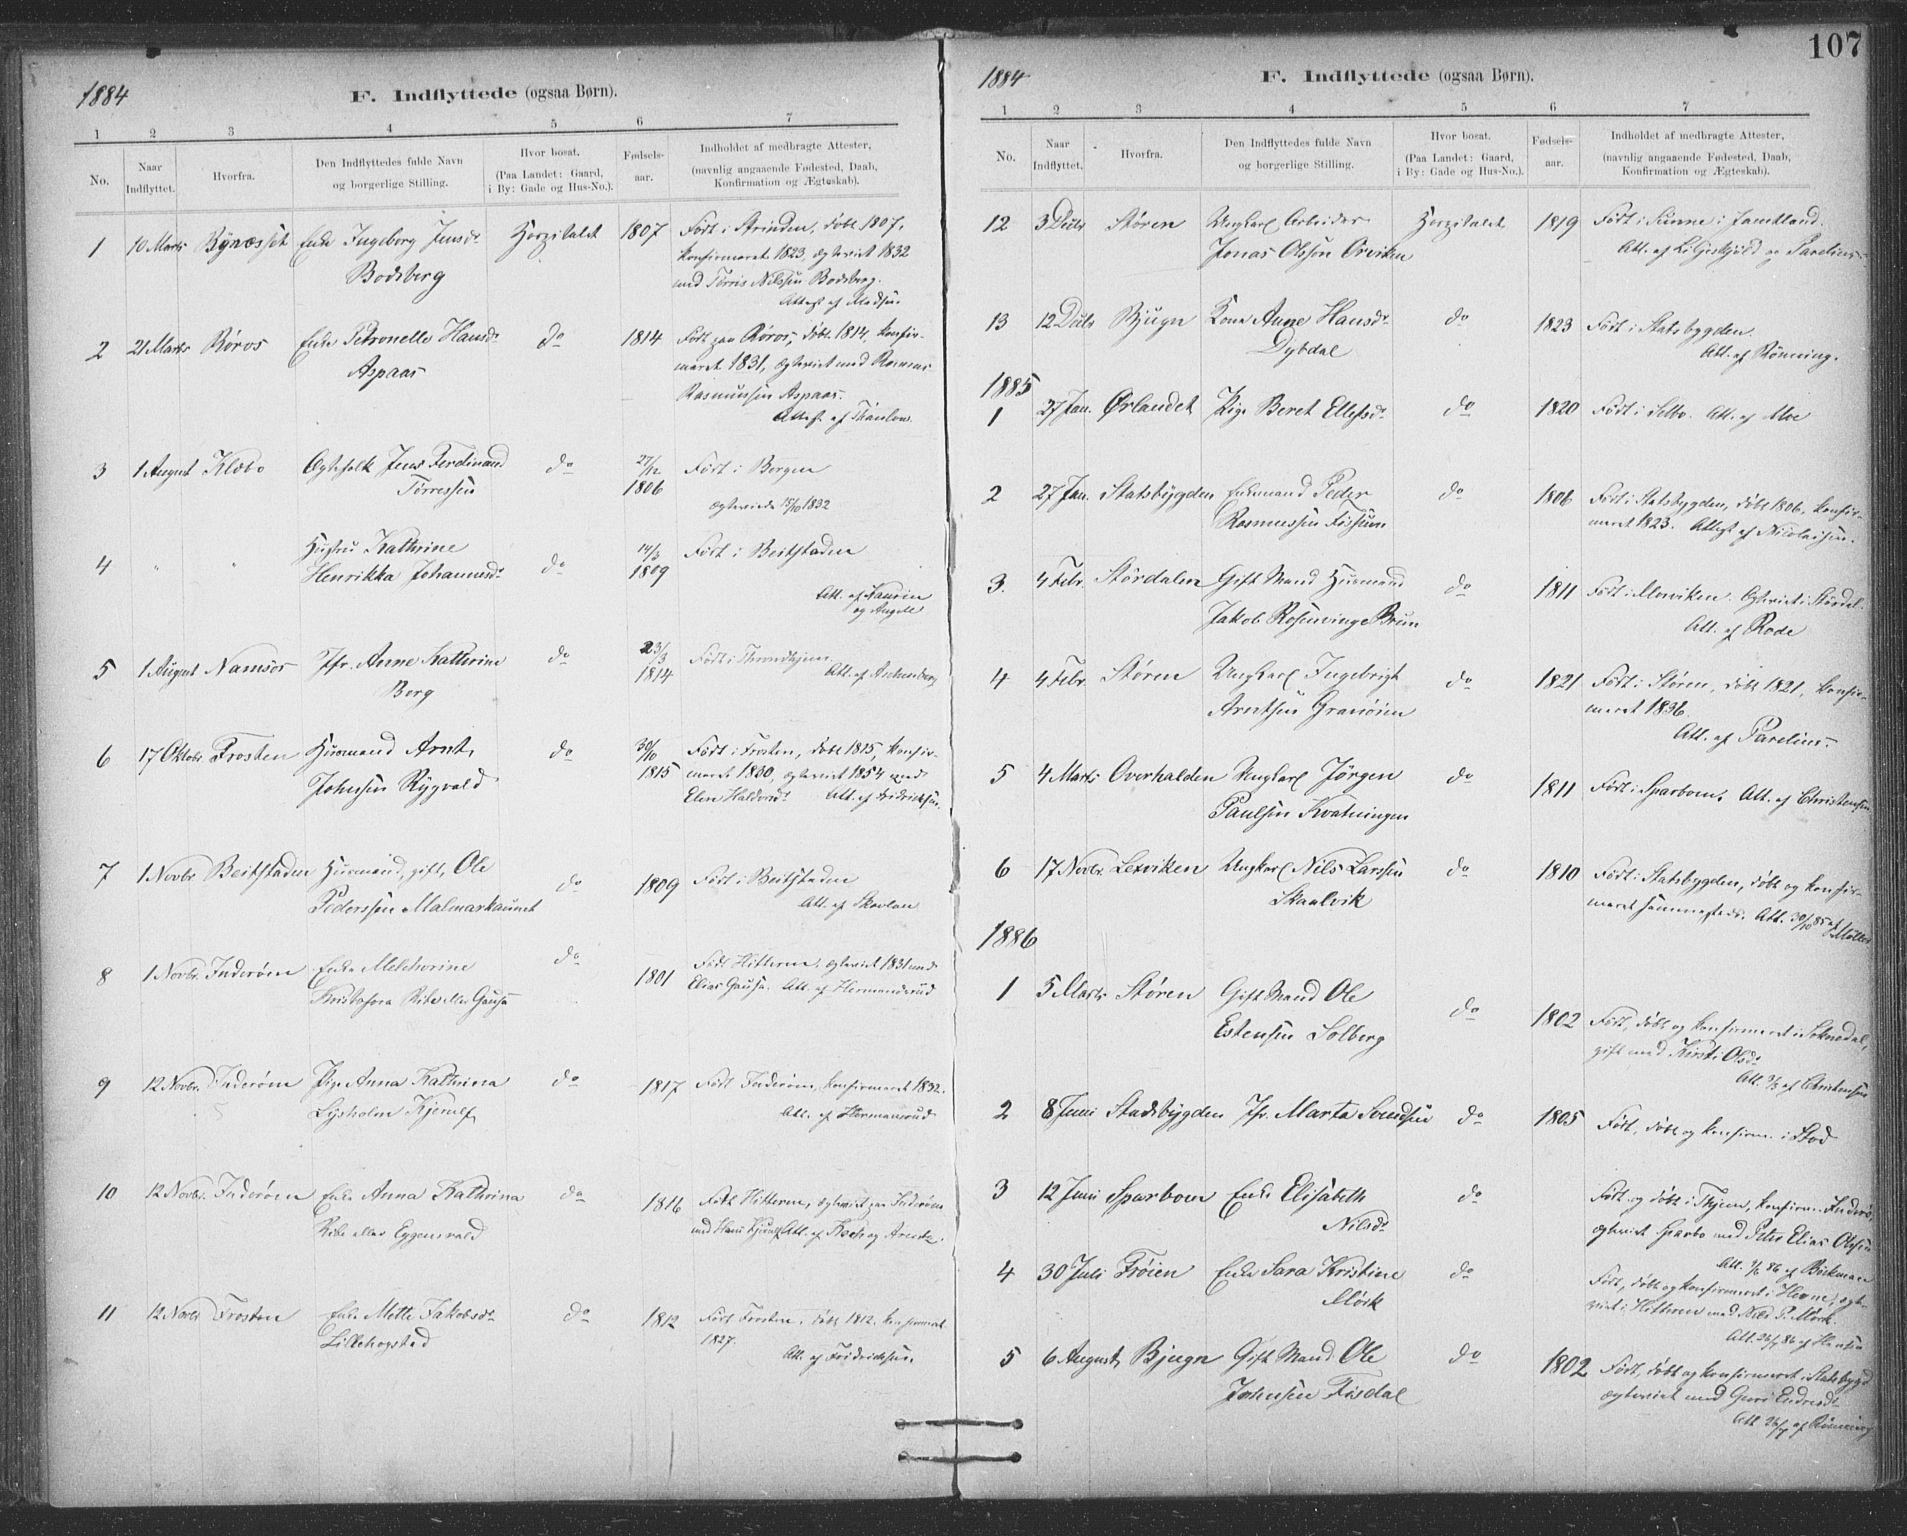 SAT, Ministerialprotokoller, klokkerbøker og fødselsregistre - Sør-Trøndelag, 623/L0470: Ministerialbok nr. 623A04, 1884-1938, s. 107